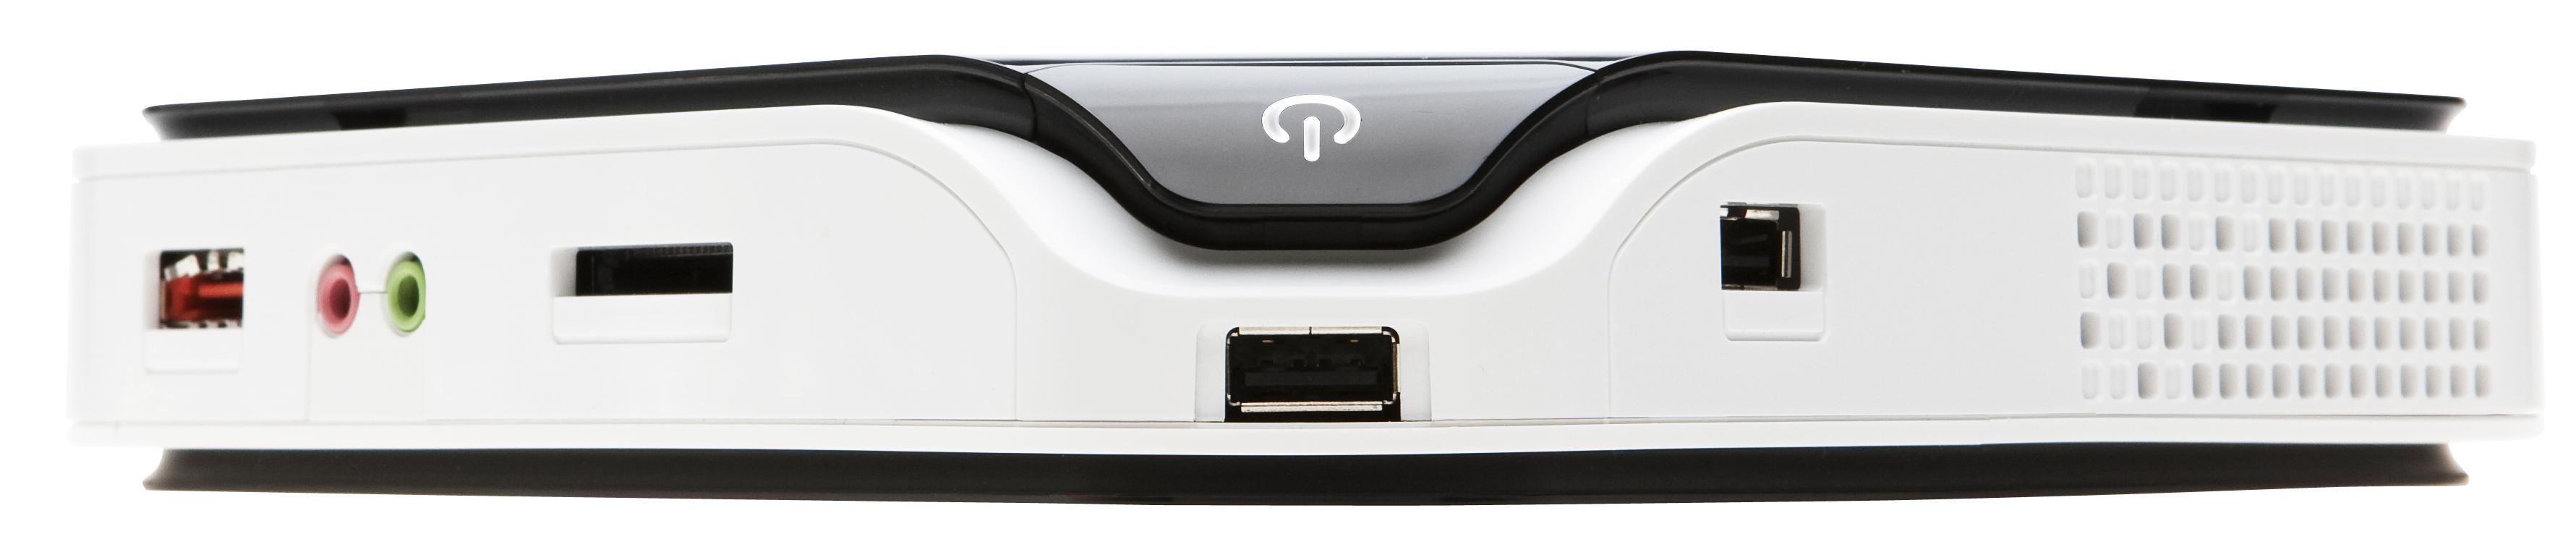 """NVIDIA y Acer presentan el PC """"revelación"""" del año  NVIDIA"""